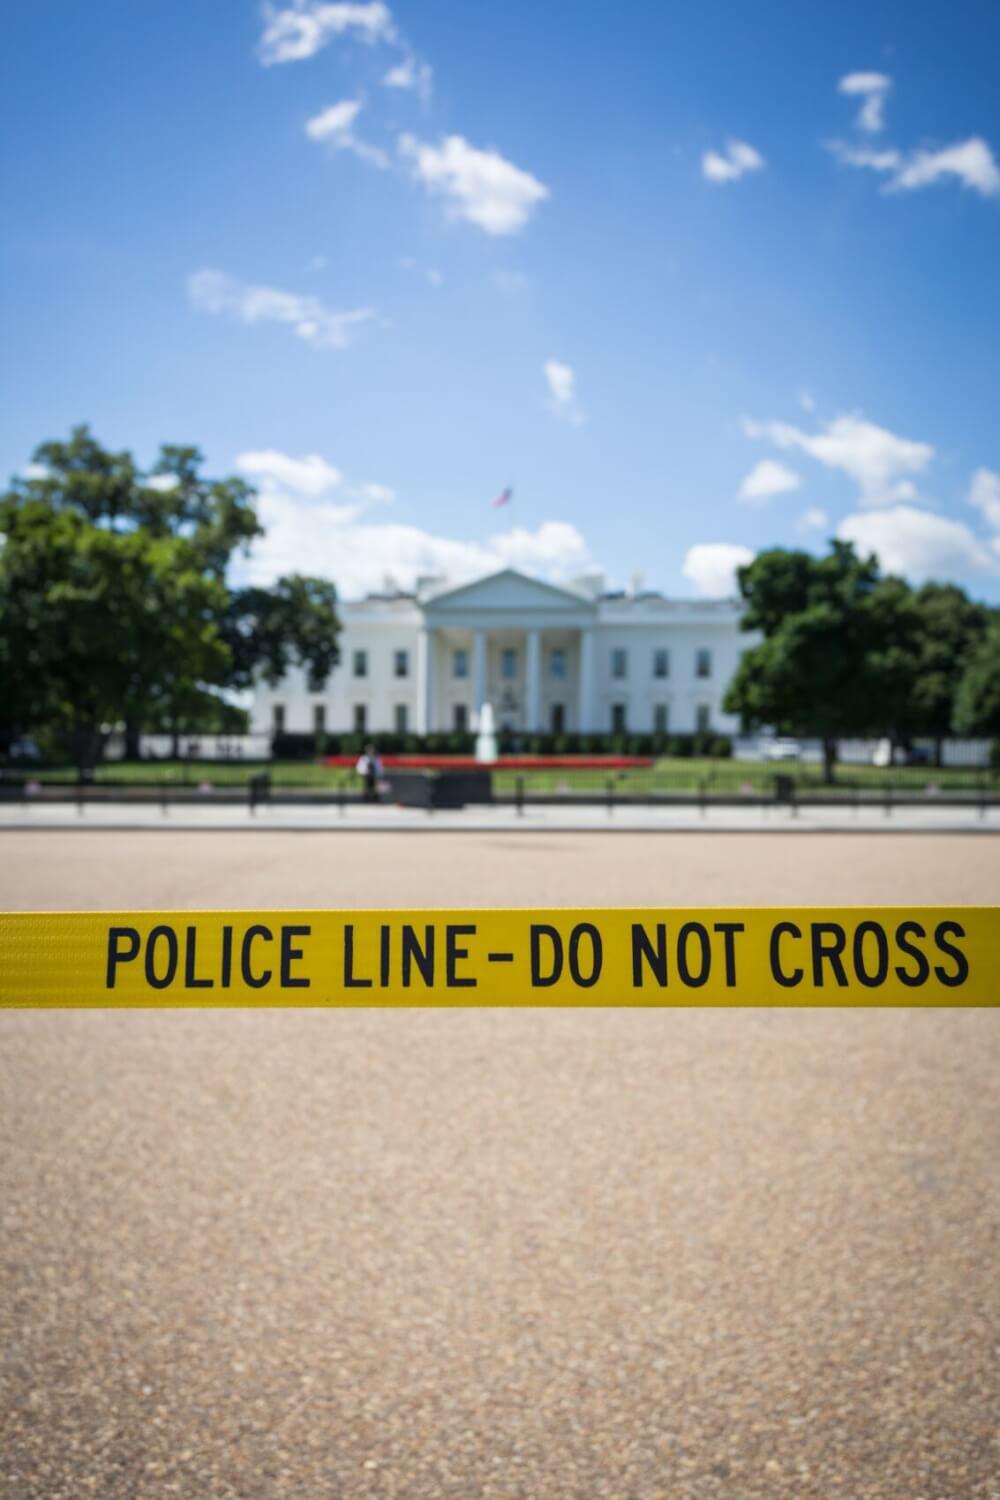 Mister Präsident, Sie sind verhaftet!